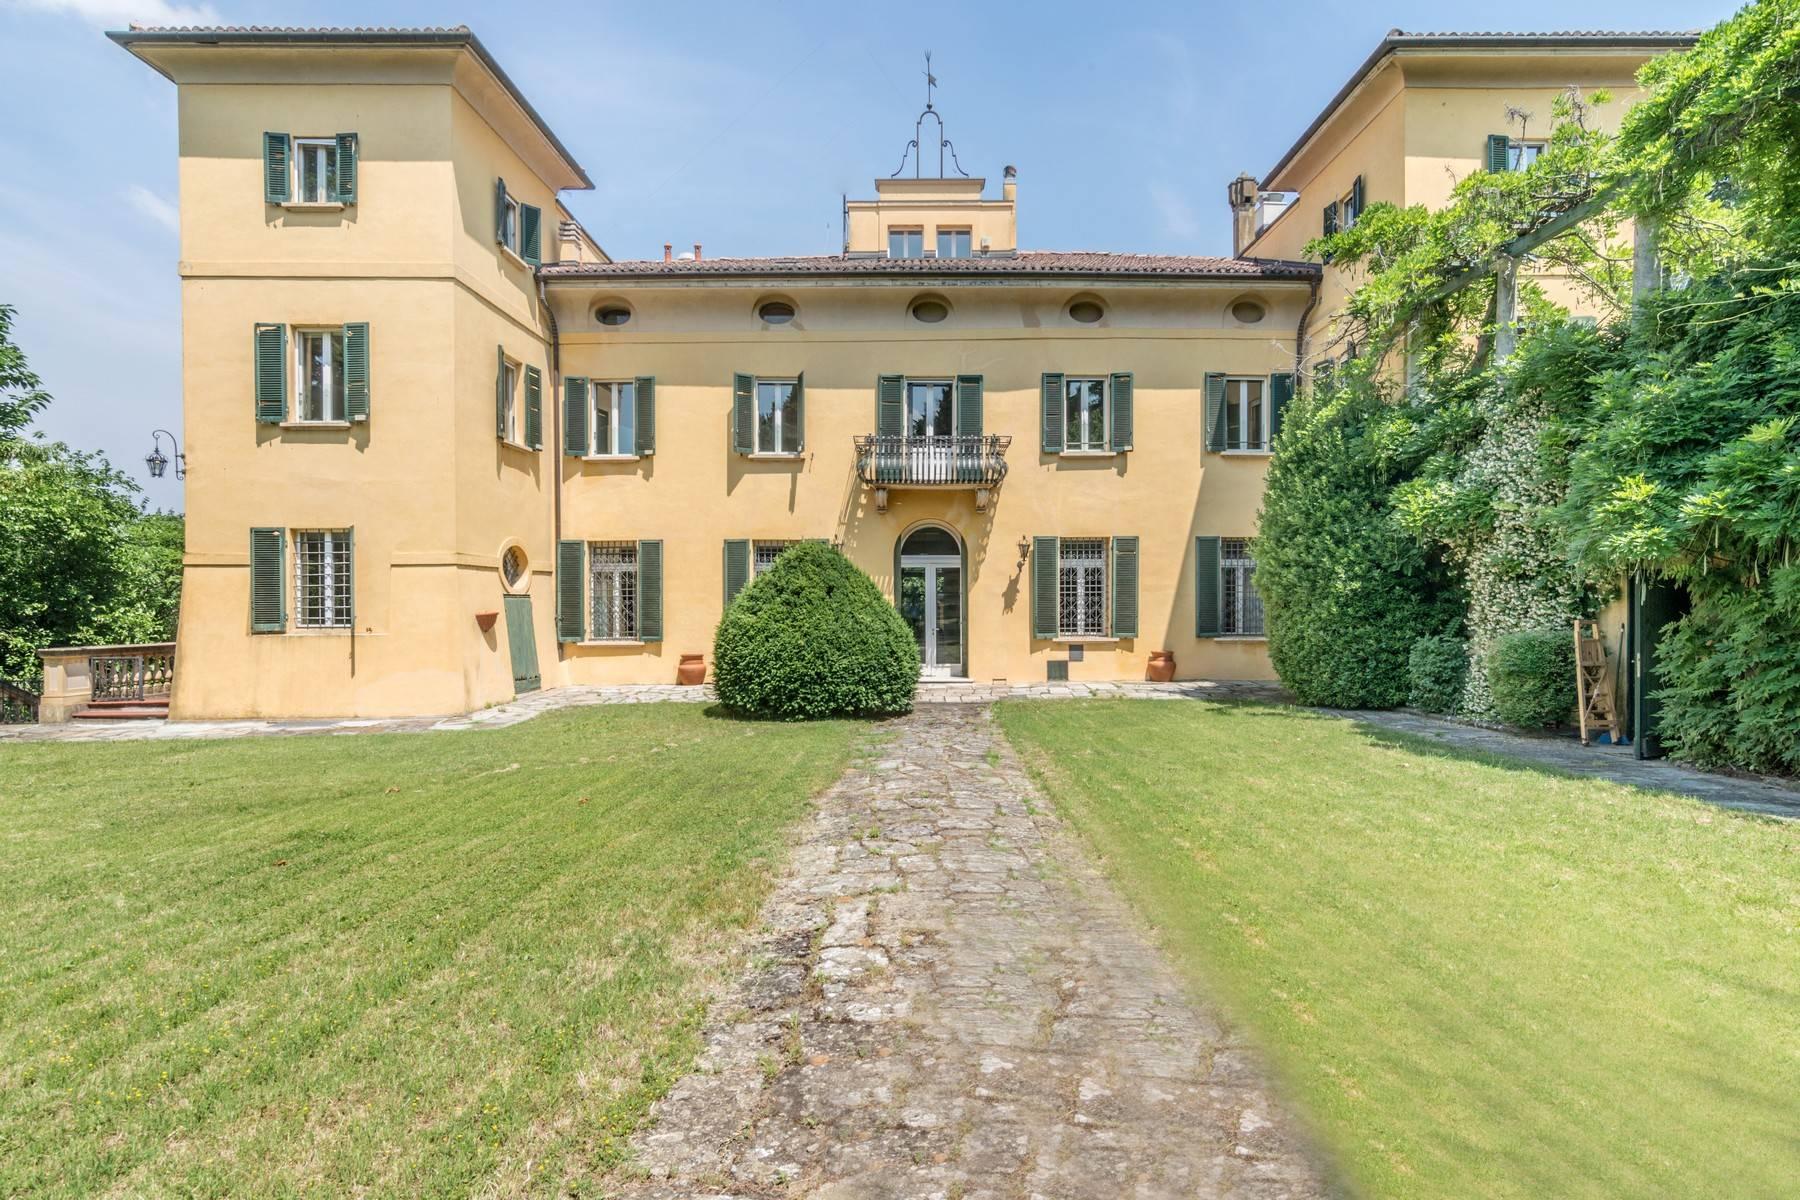 Villa in Vendita a Bologna via di monte donato